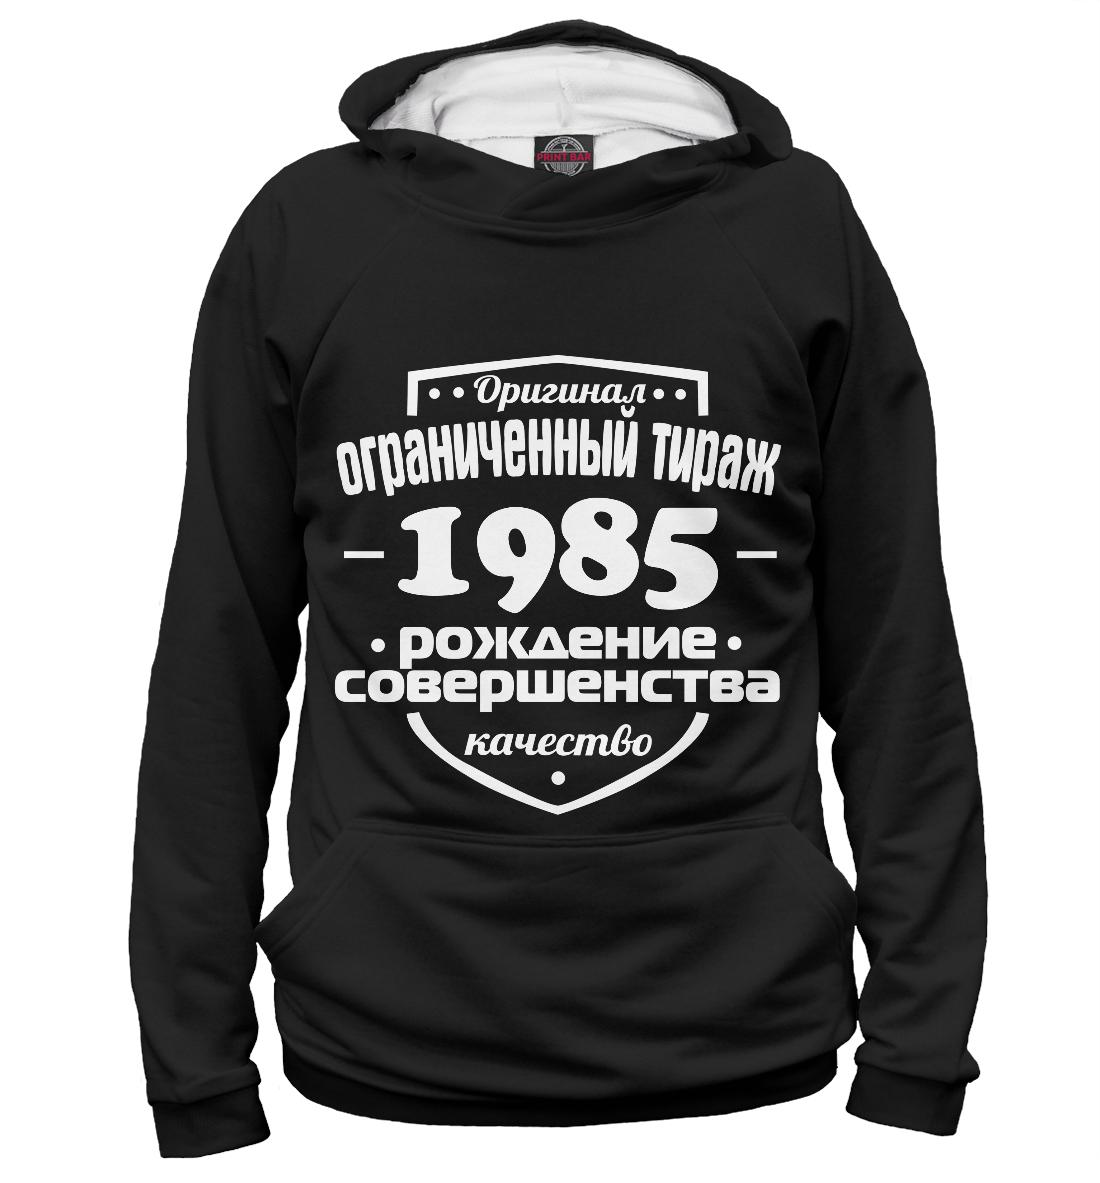 Купить Рождение совершенства 1985, Printbar, Худи, DVP-829037-hud-1